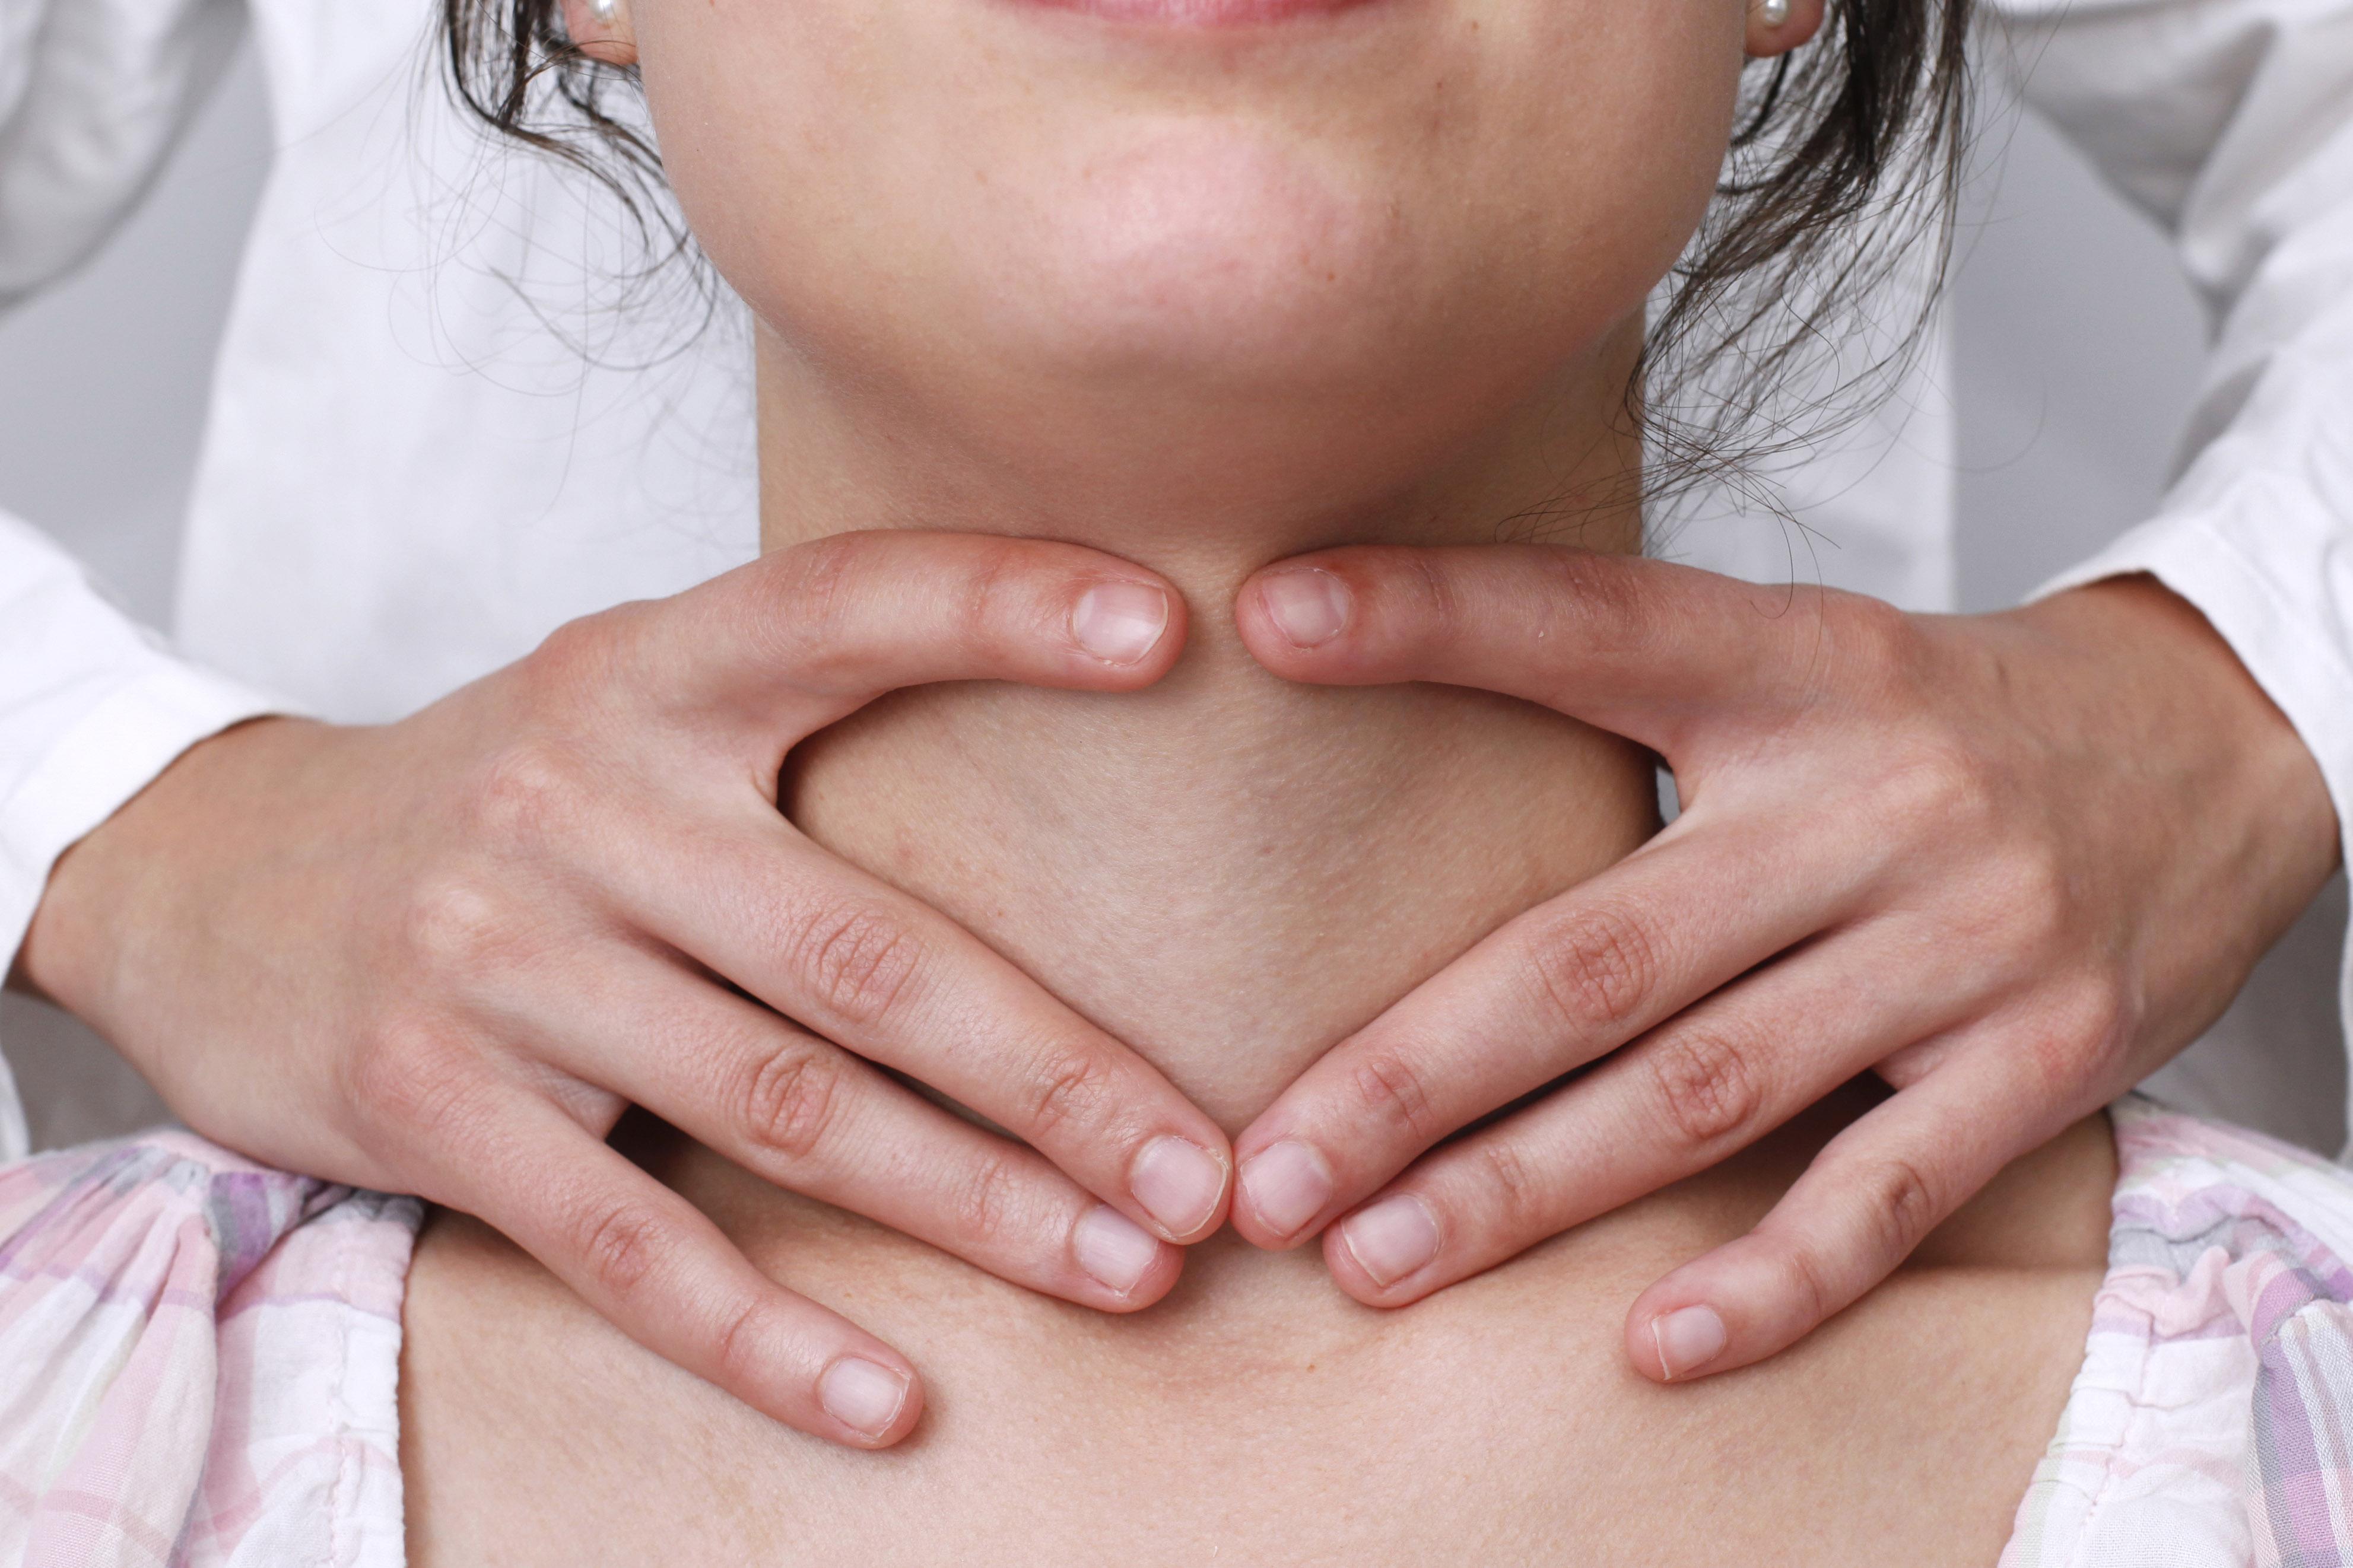 Come trovarsi a dolori di vita a gravidanza